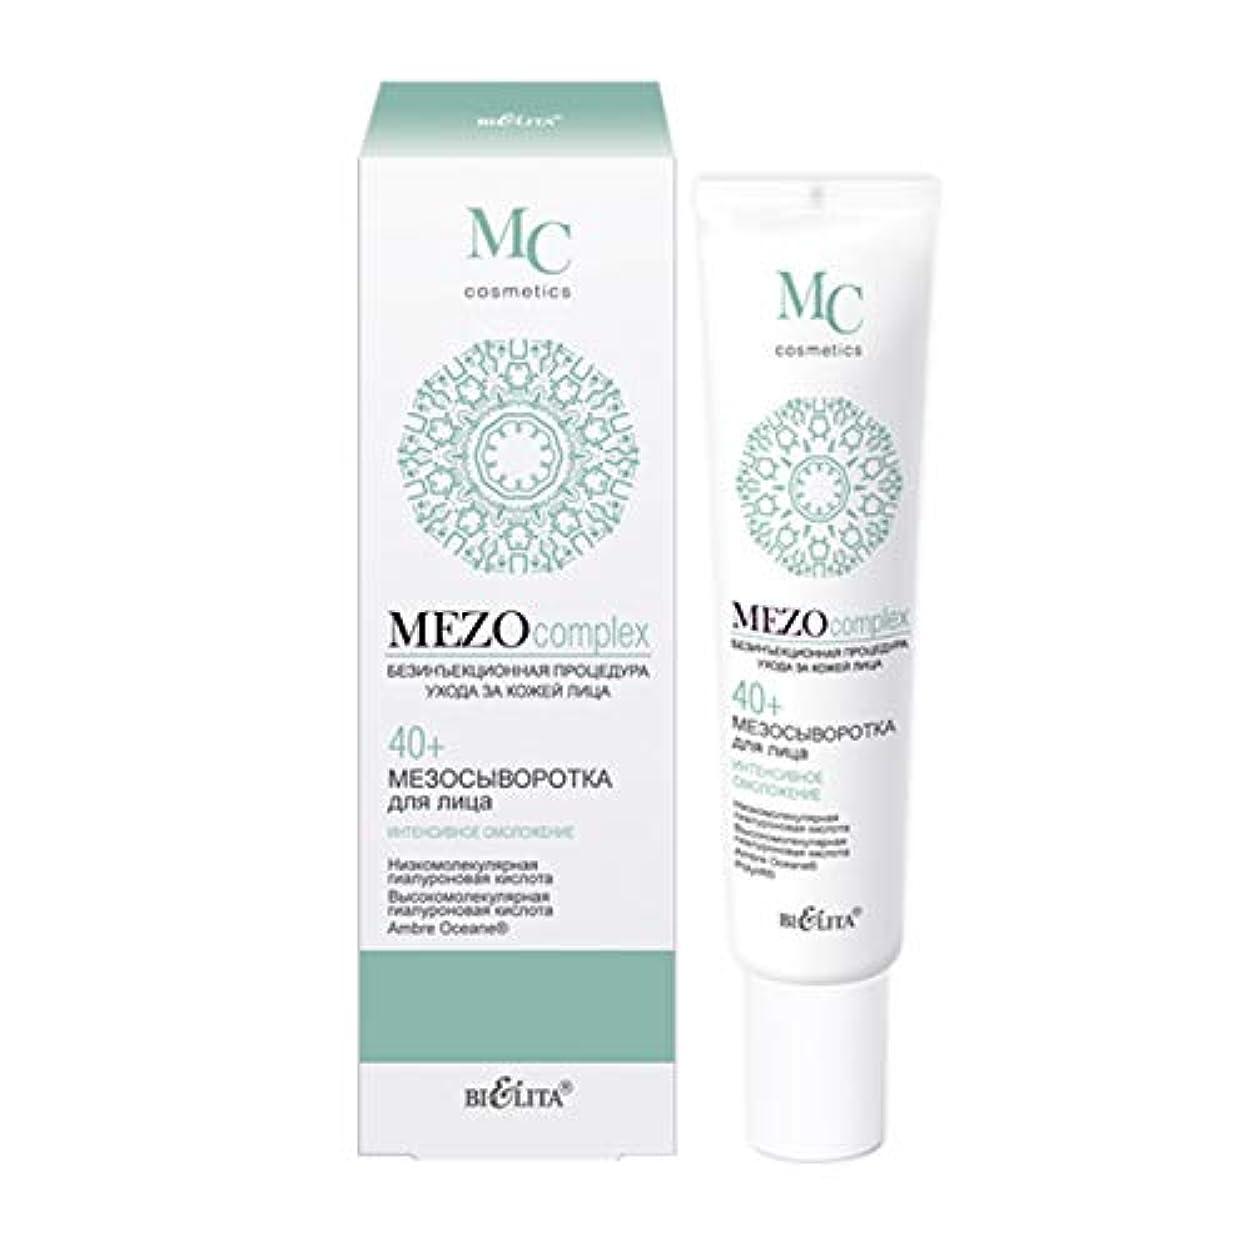 コンパイル秘書コンパイルMezo complex Serum Intensive Rejuvenation 40+   Non-injection facial skin care procedure   Ambre Oceane   Polylift   hyaluronic acid   active formula   20 ml